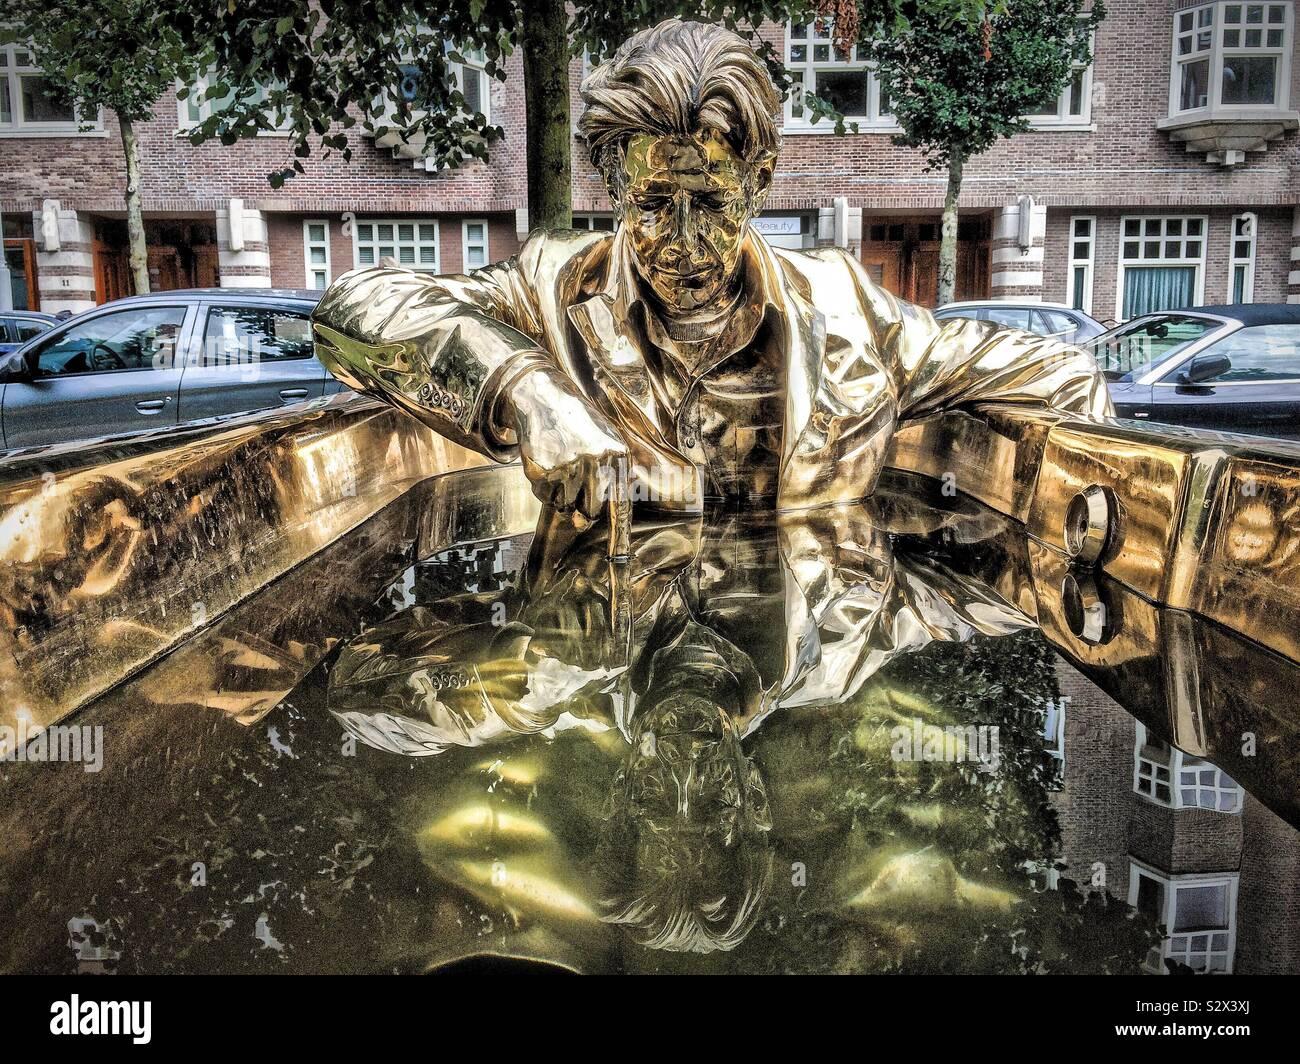 7 Badewannen und der Mann, der auf dem Wasser schrieb Stockfoto